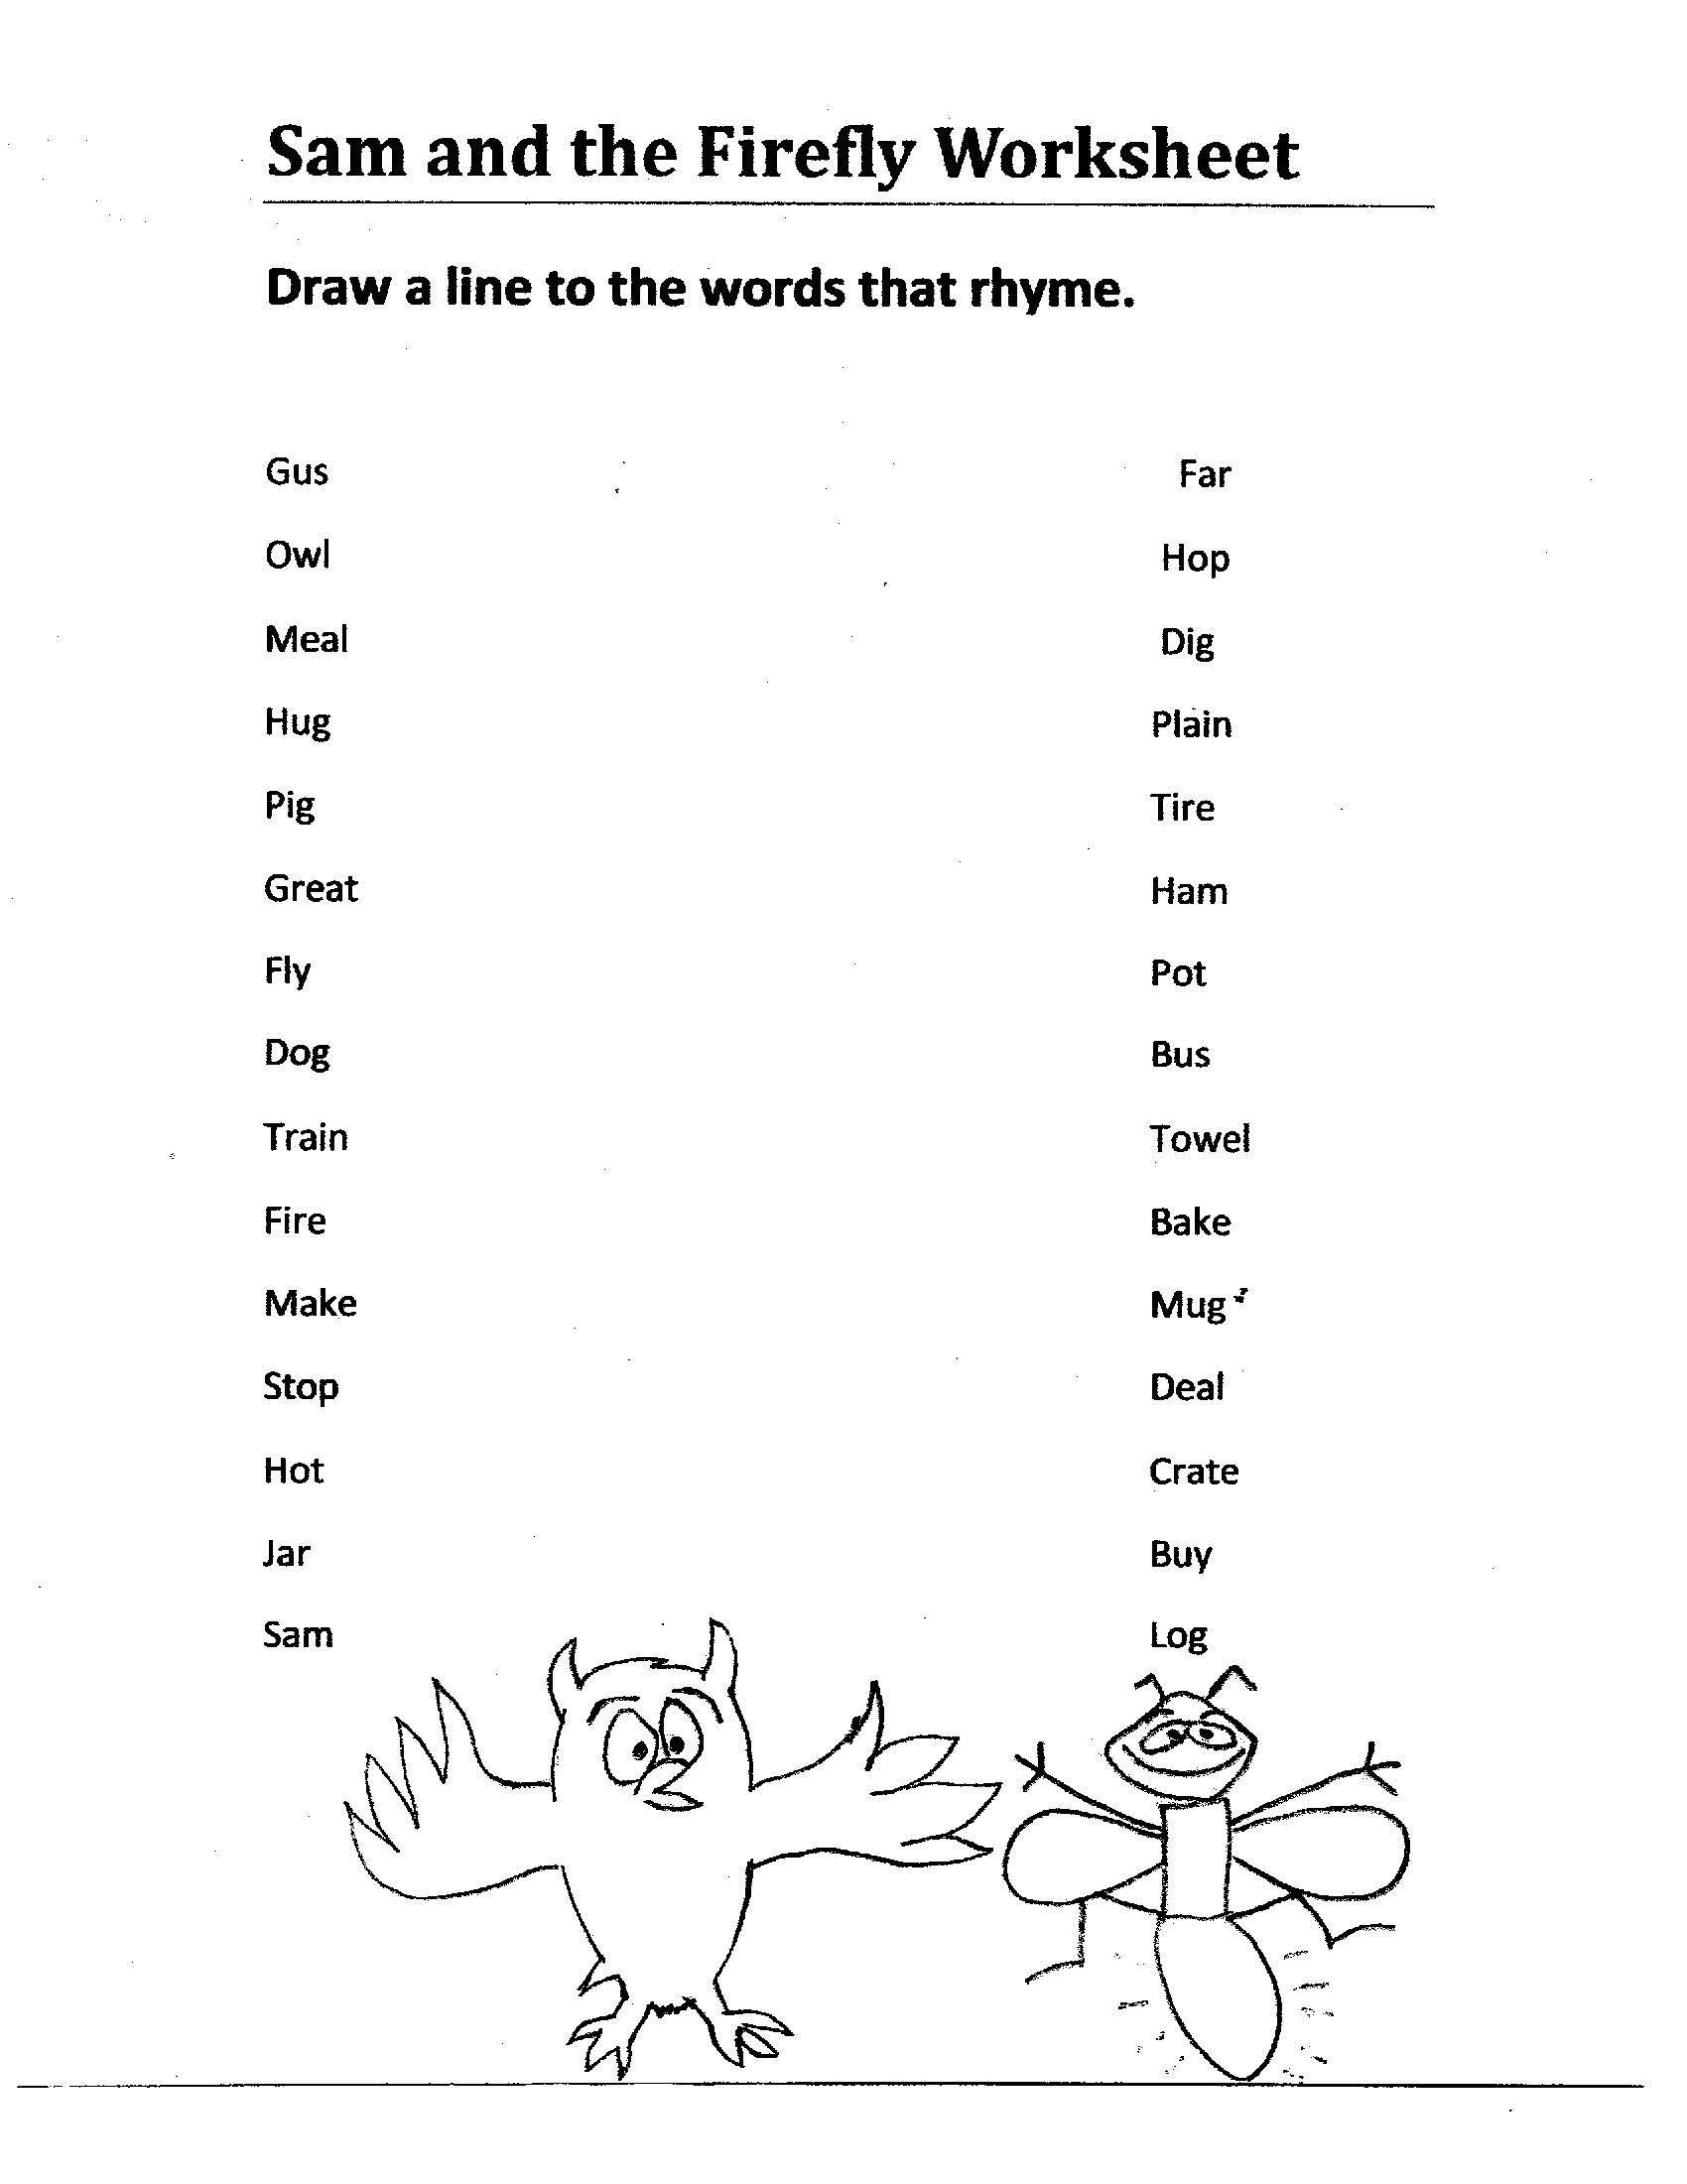 Fun Worksheet For Kids